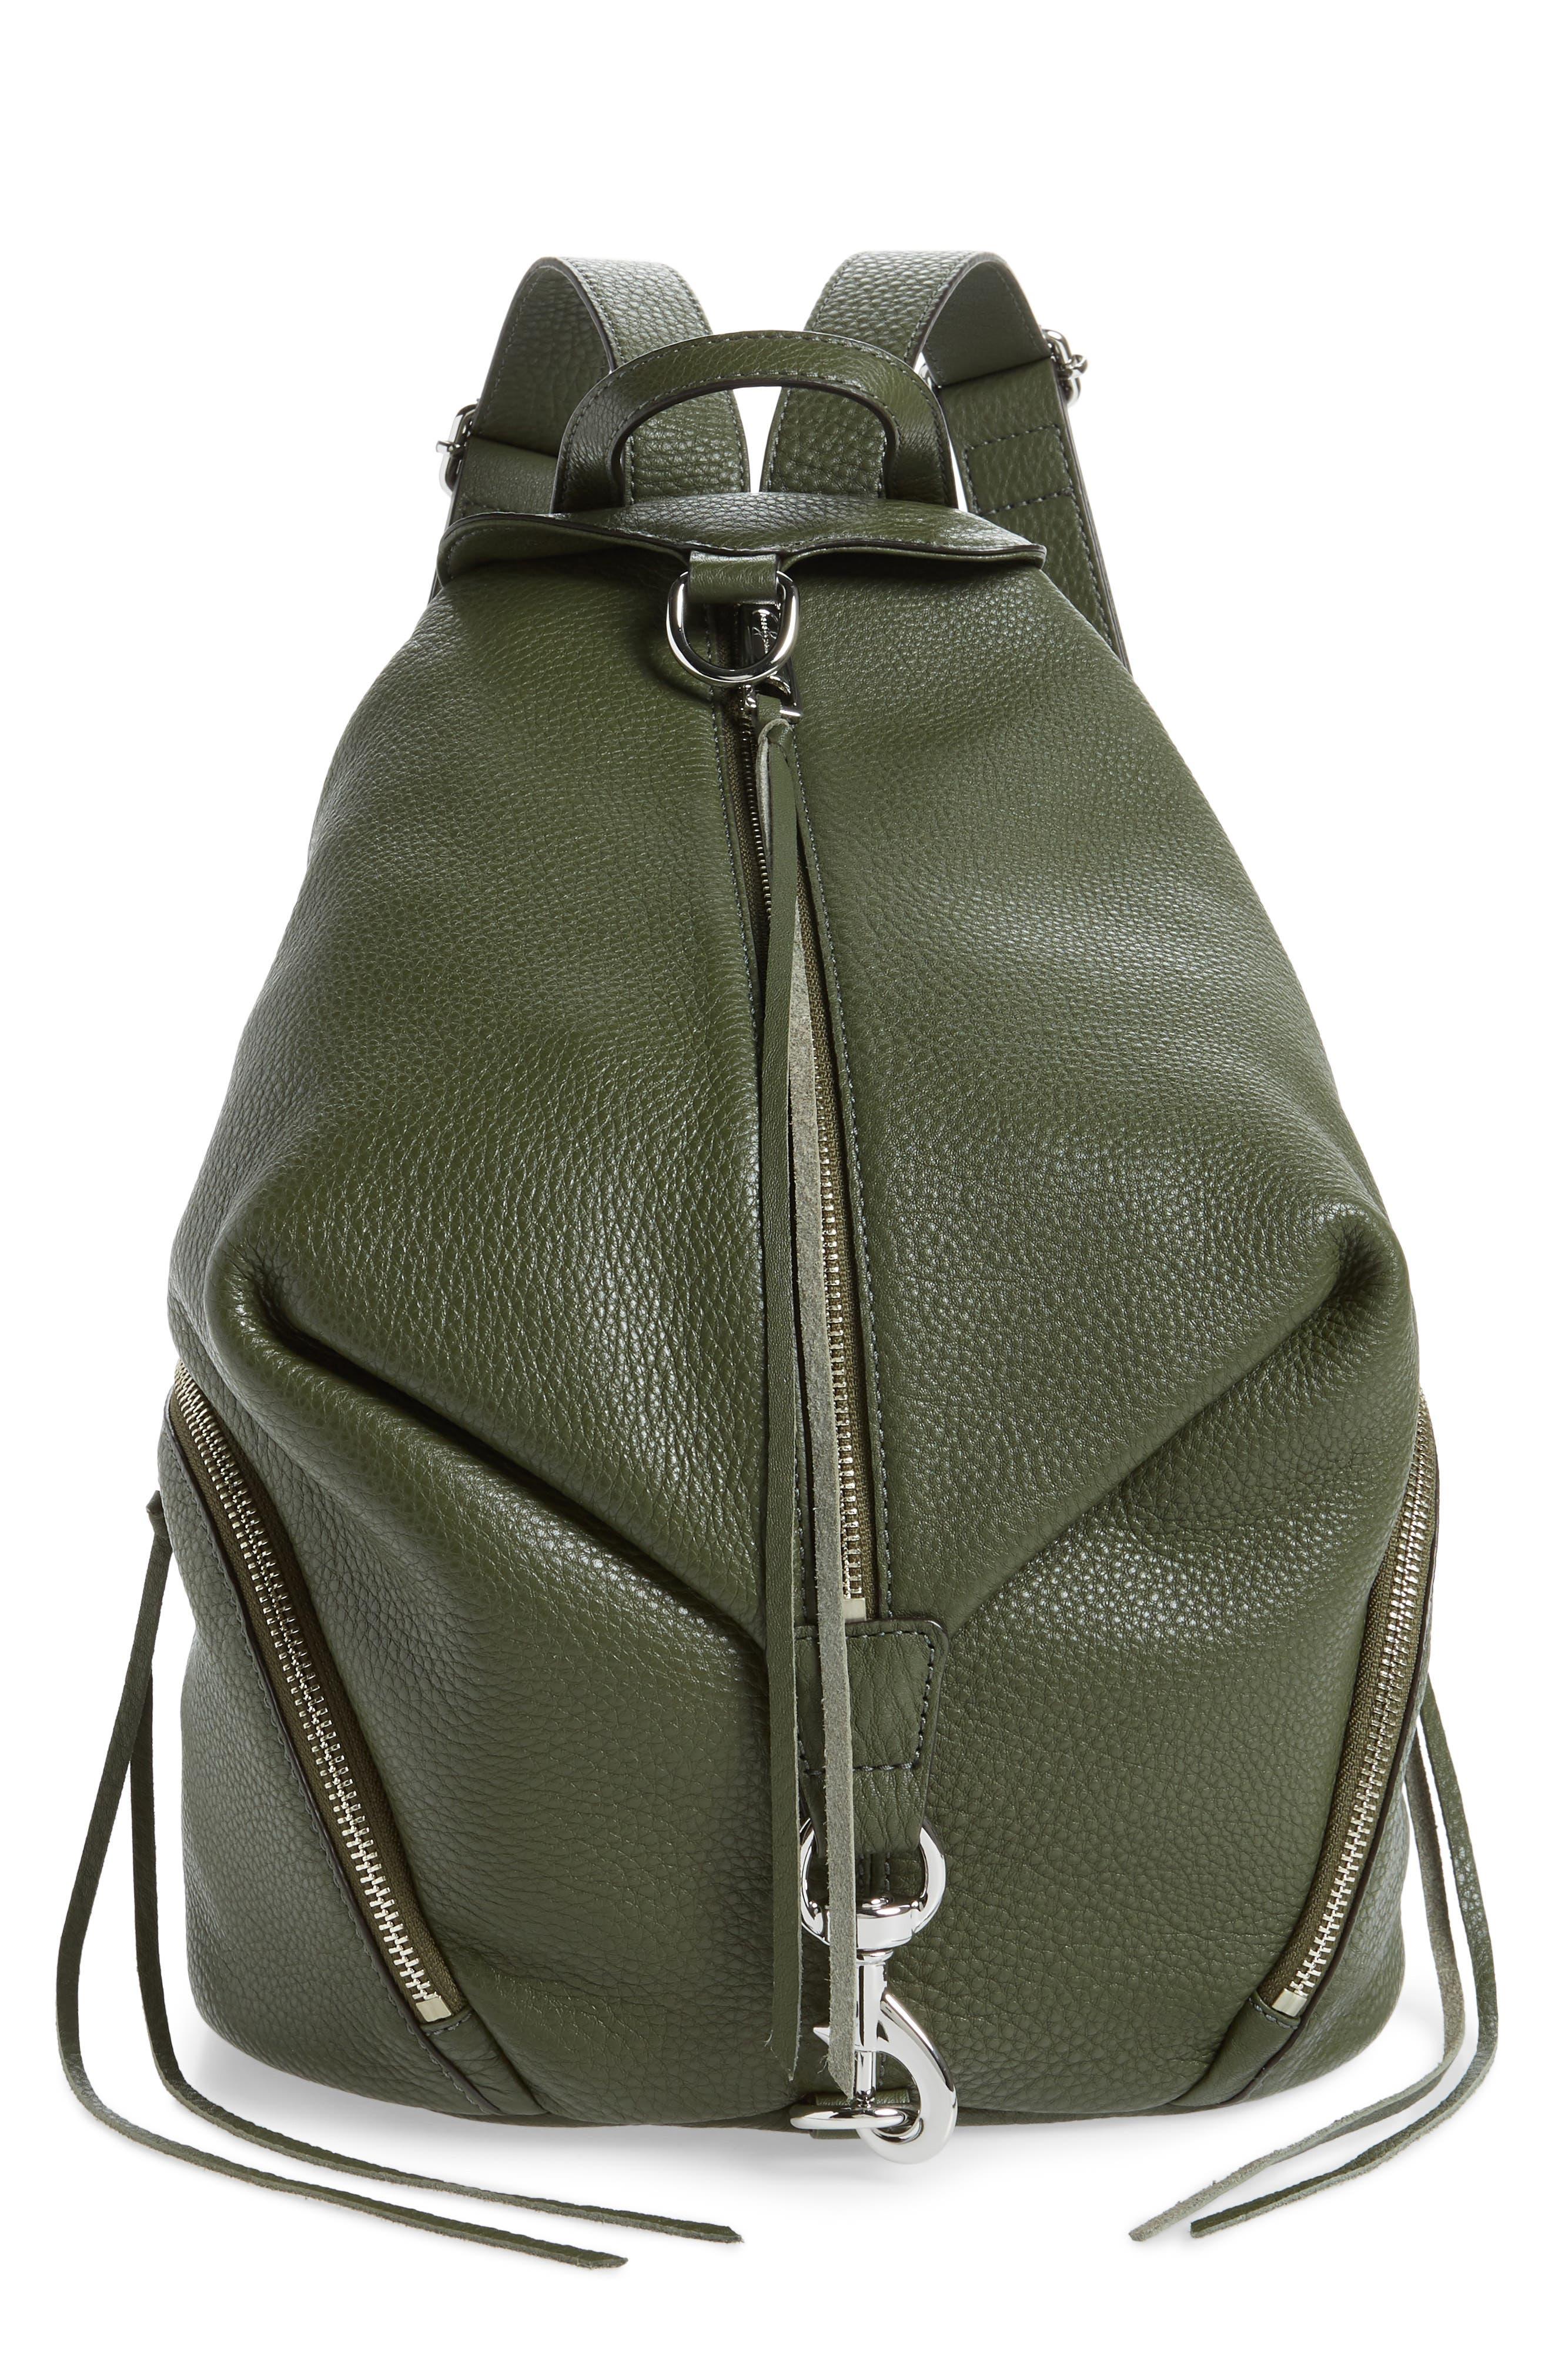 59a4a44b9ade rebecca minkoff handbags | Nordstrom